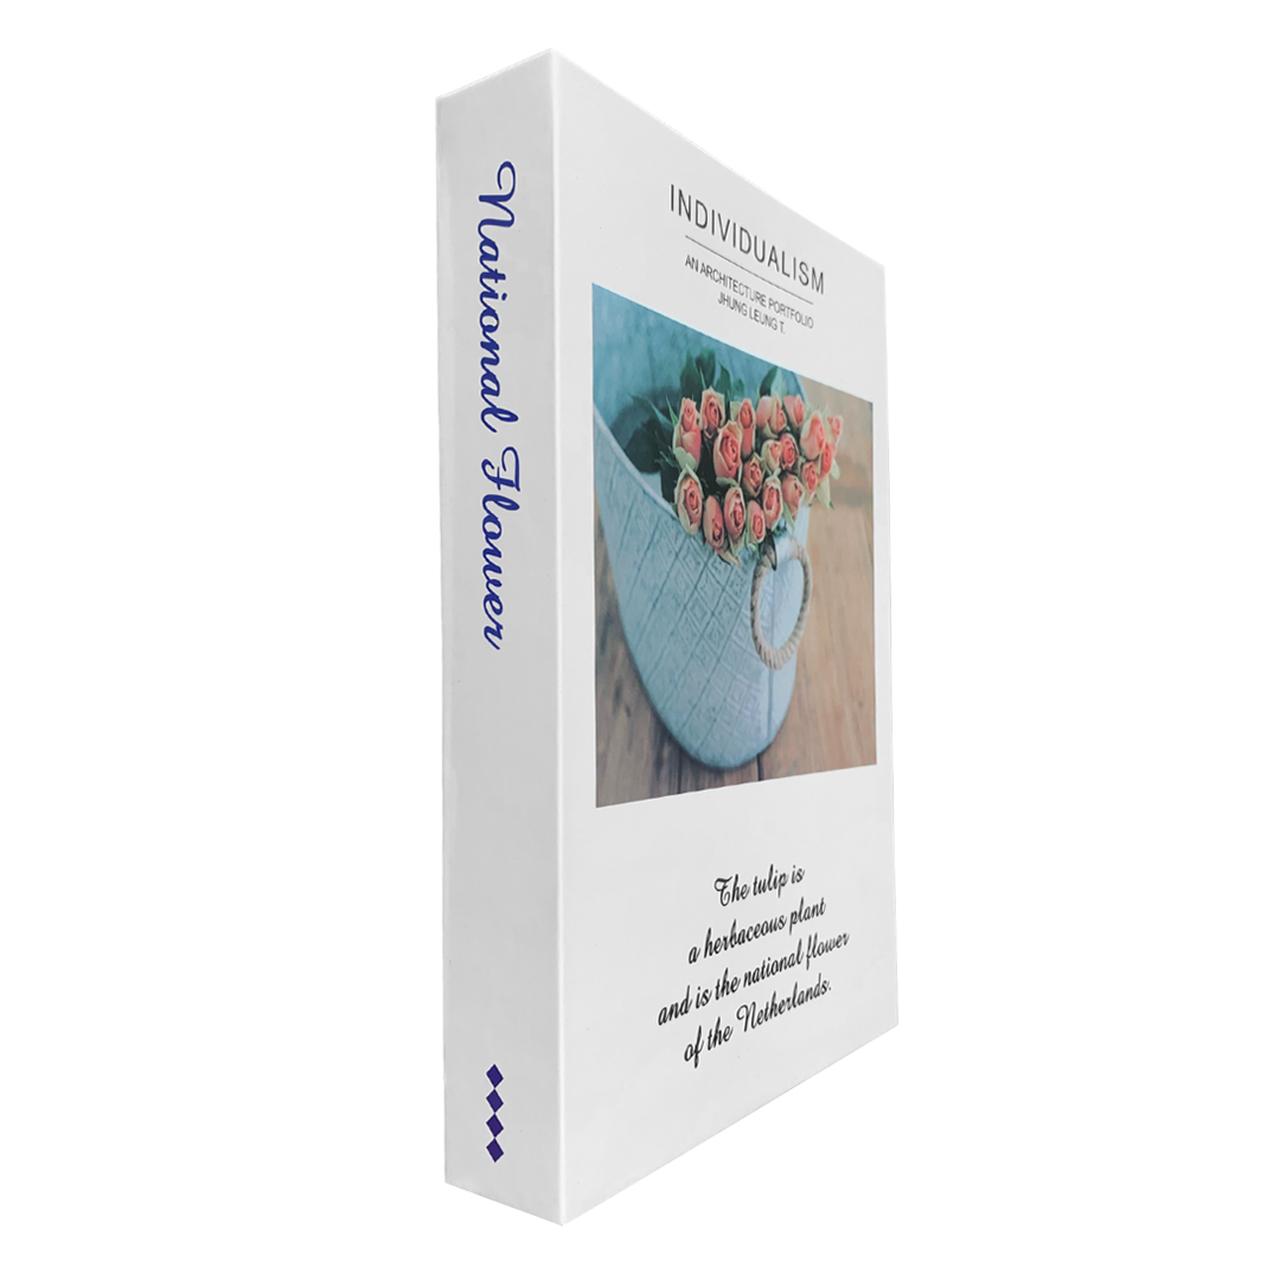 Caixa Livro Decorativa Individualism